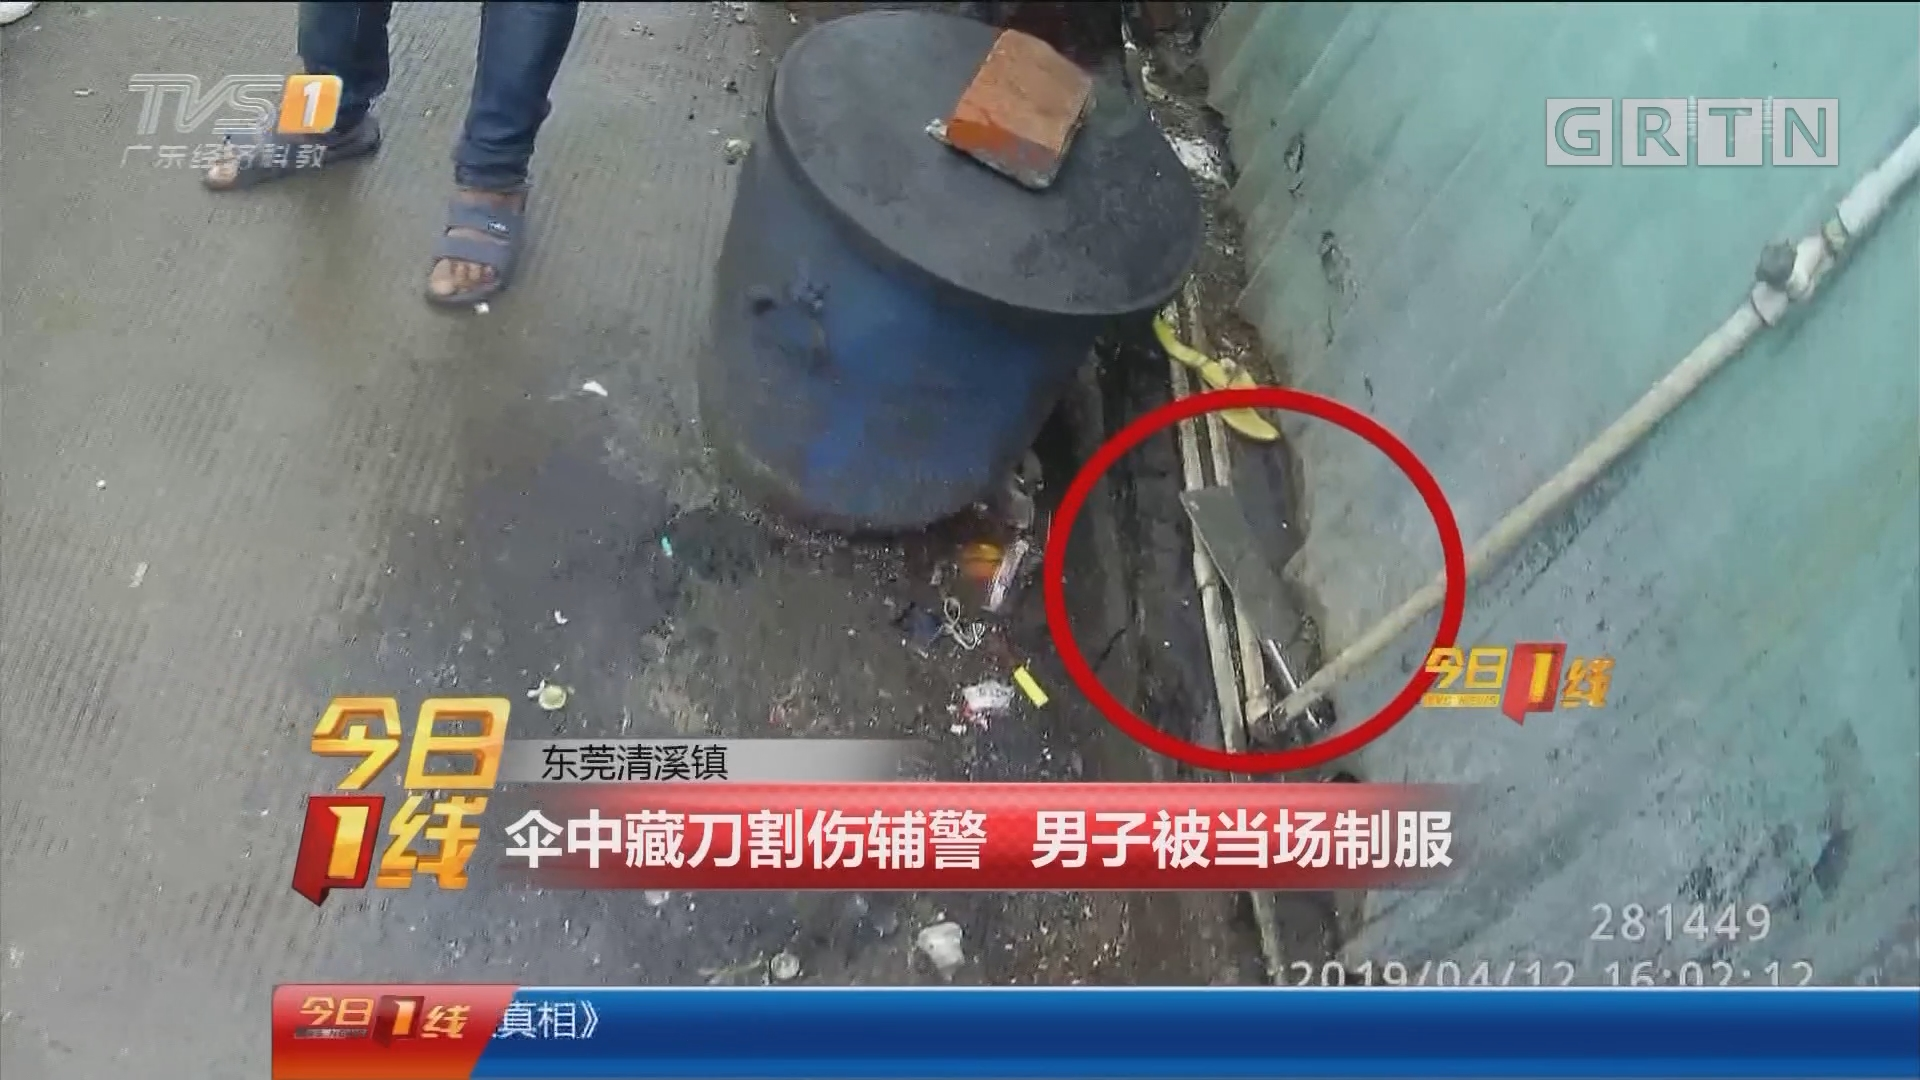 东莞清溪镇:伞中藏刀割伤辅警 男子被当场制服